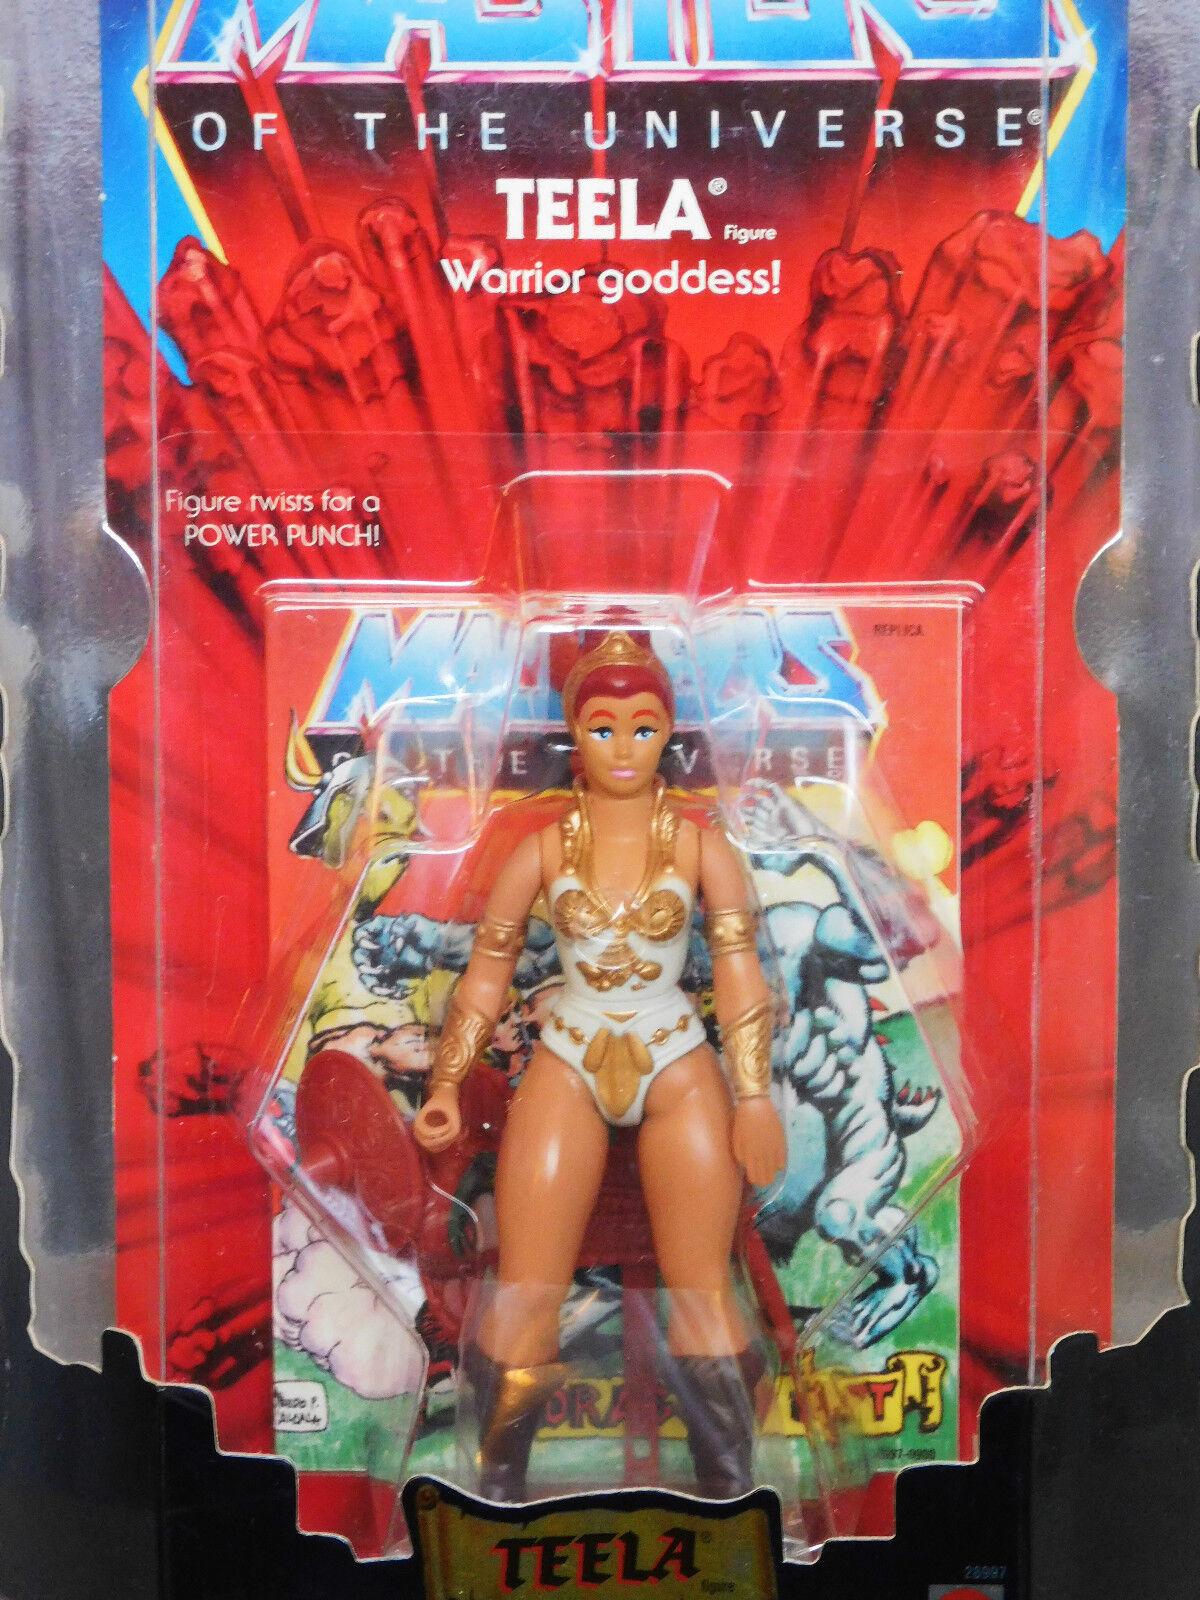 MASTERS OF THE UNIVERSE TEELA 2001 Commemorative Ltd 10,000 MOTU_28997_NRFB